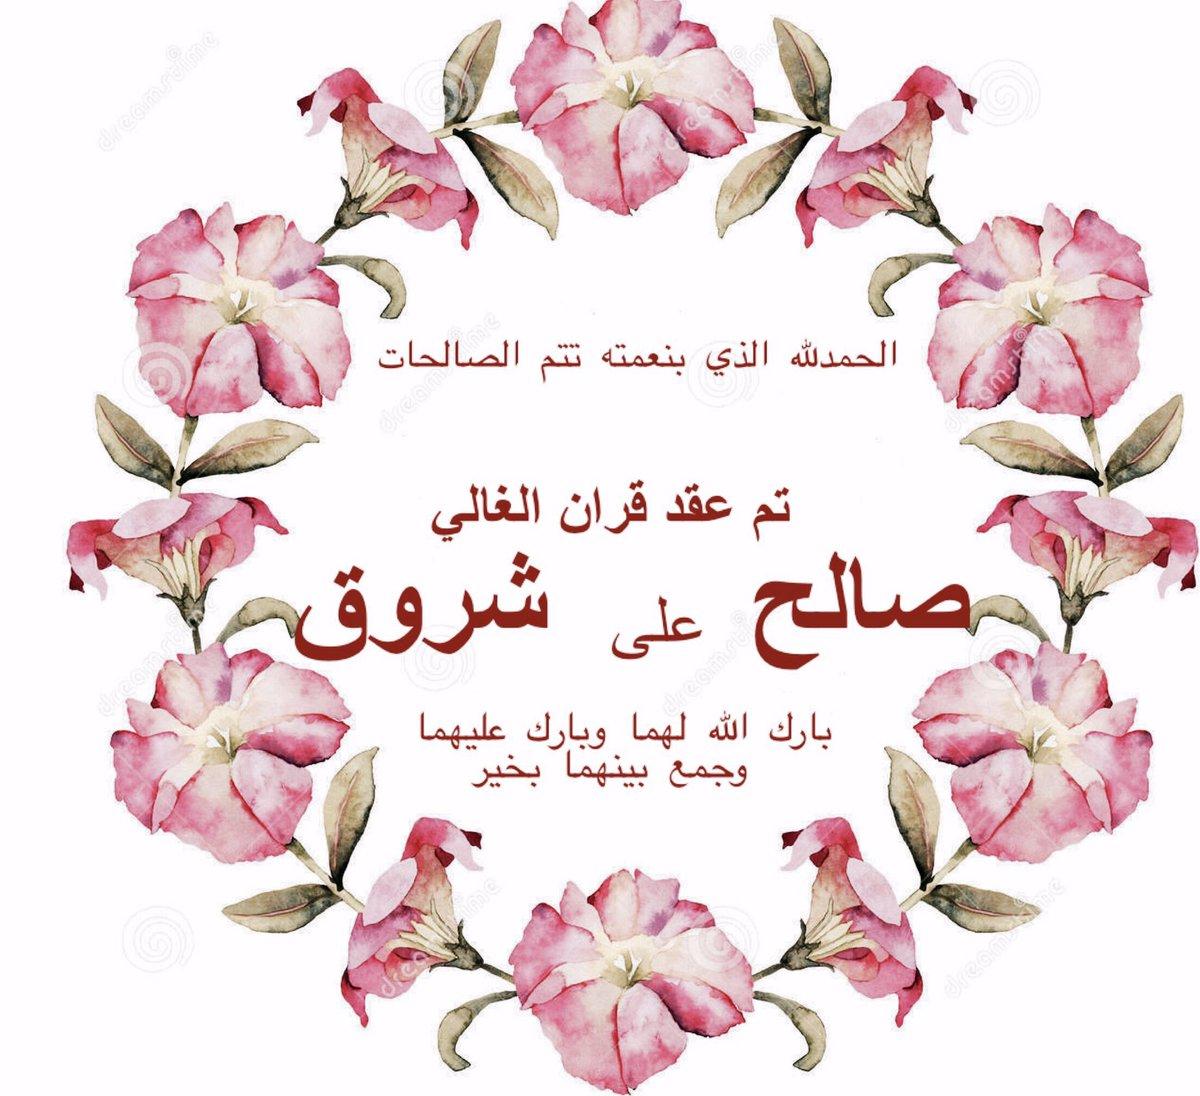 نعيمه بنت ابراهيم A Twitter بارك الله لكما وبارك عليكما وجمع بينكما بخير الحب دعاء الجمعه